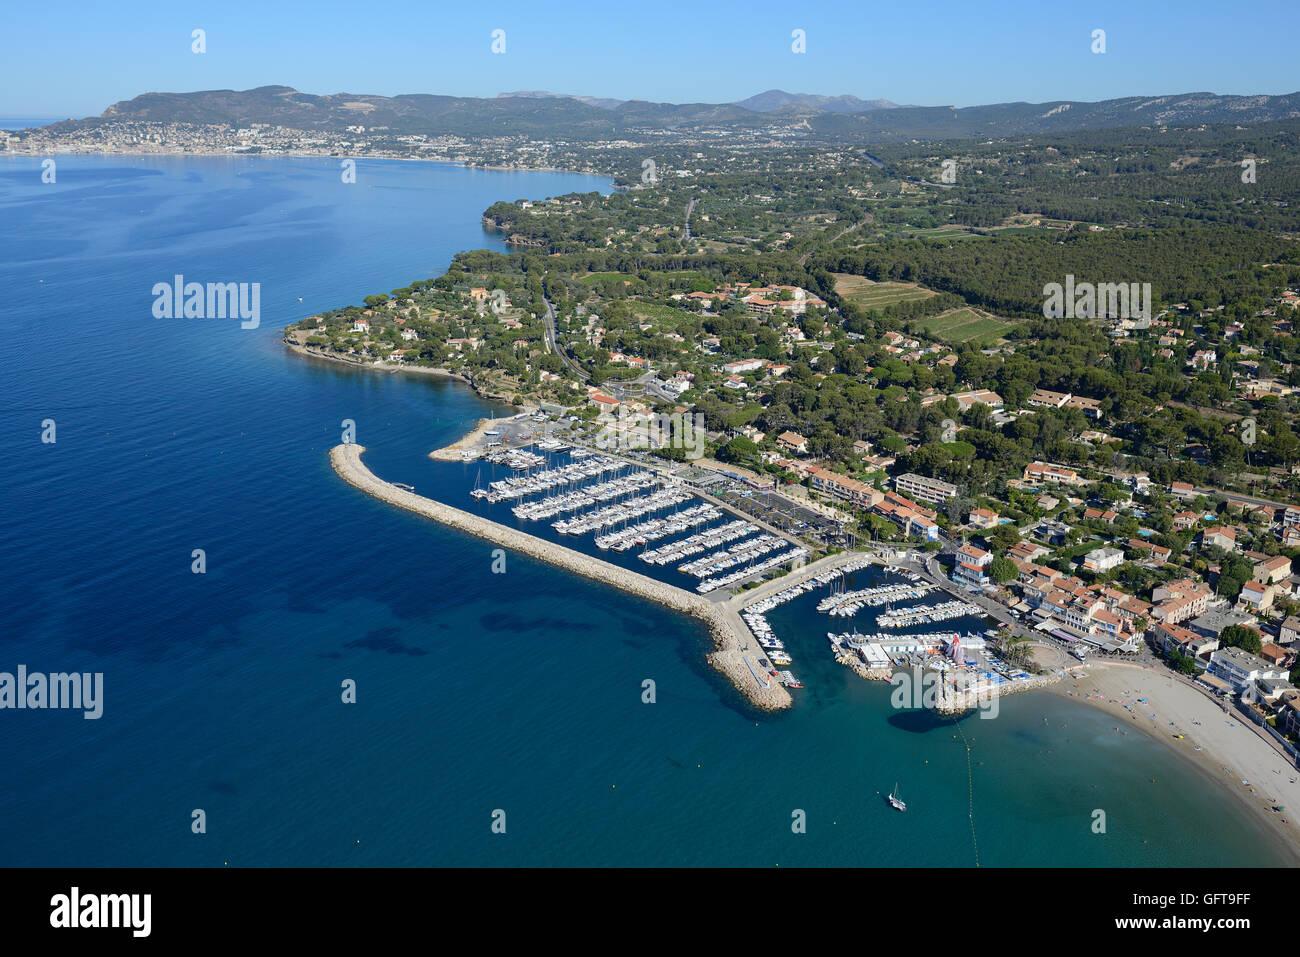 Port de plaisance DE SAINT-CYR-SUR-MER (vue aérienne). Var, Provence, France. Photo Stock